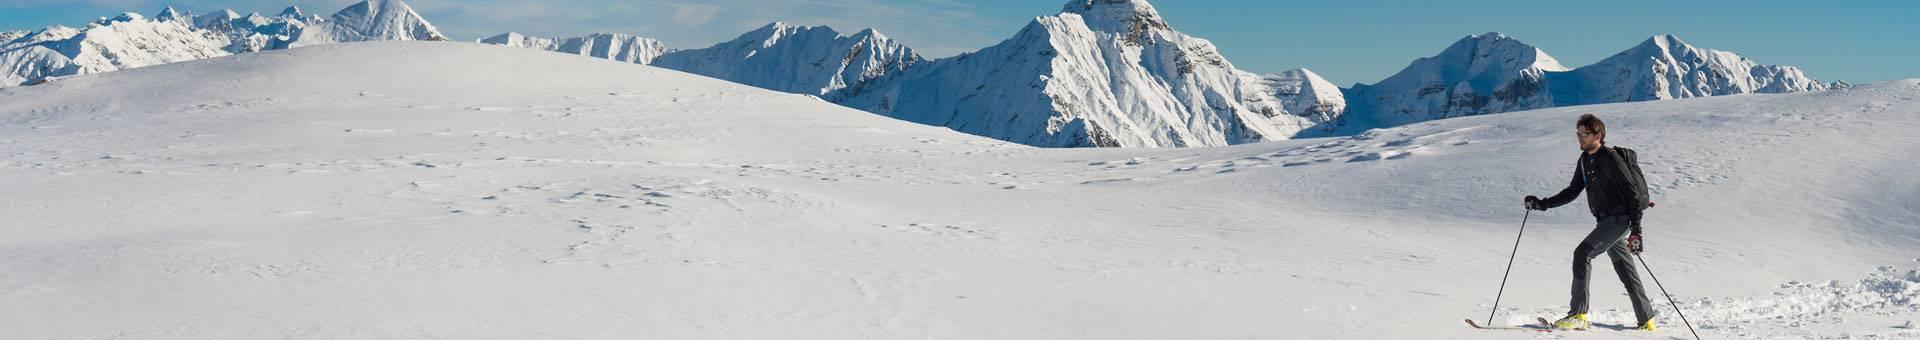 Ski Touring & Snowshoeing Guides